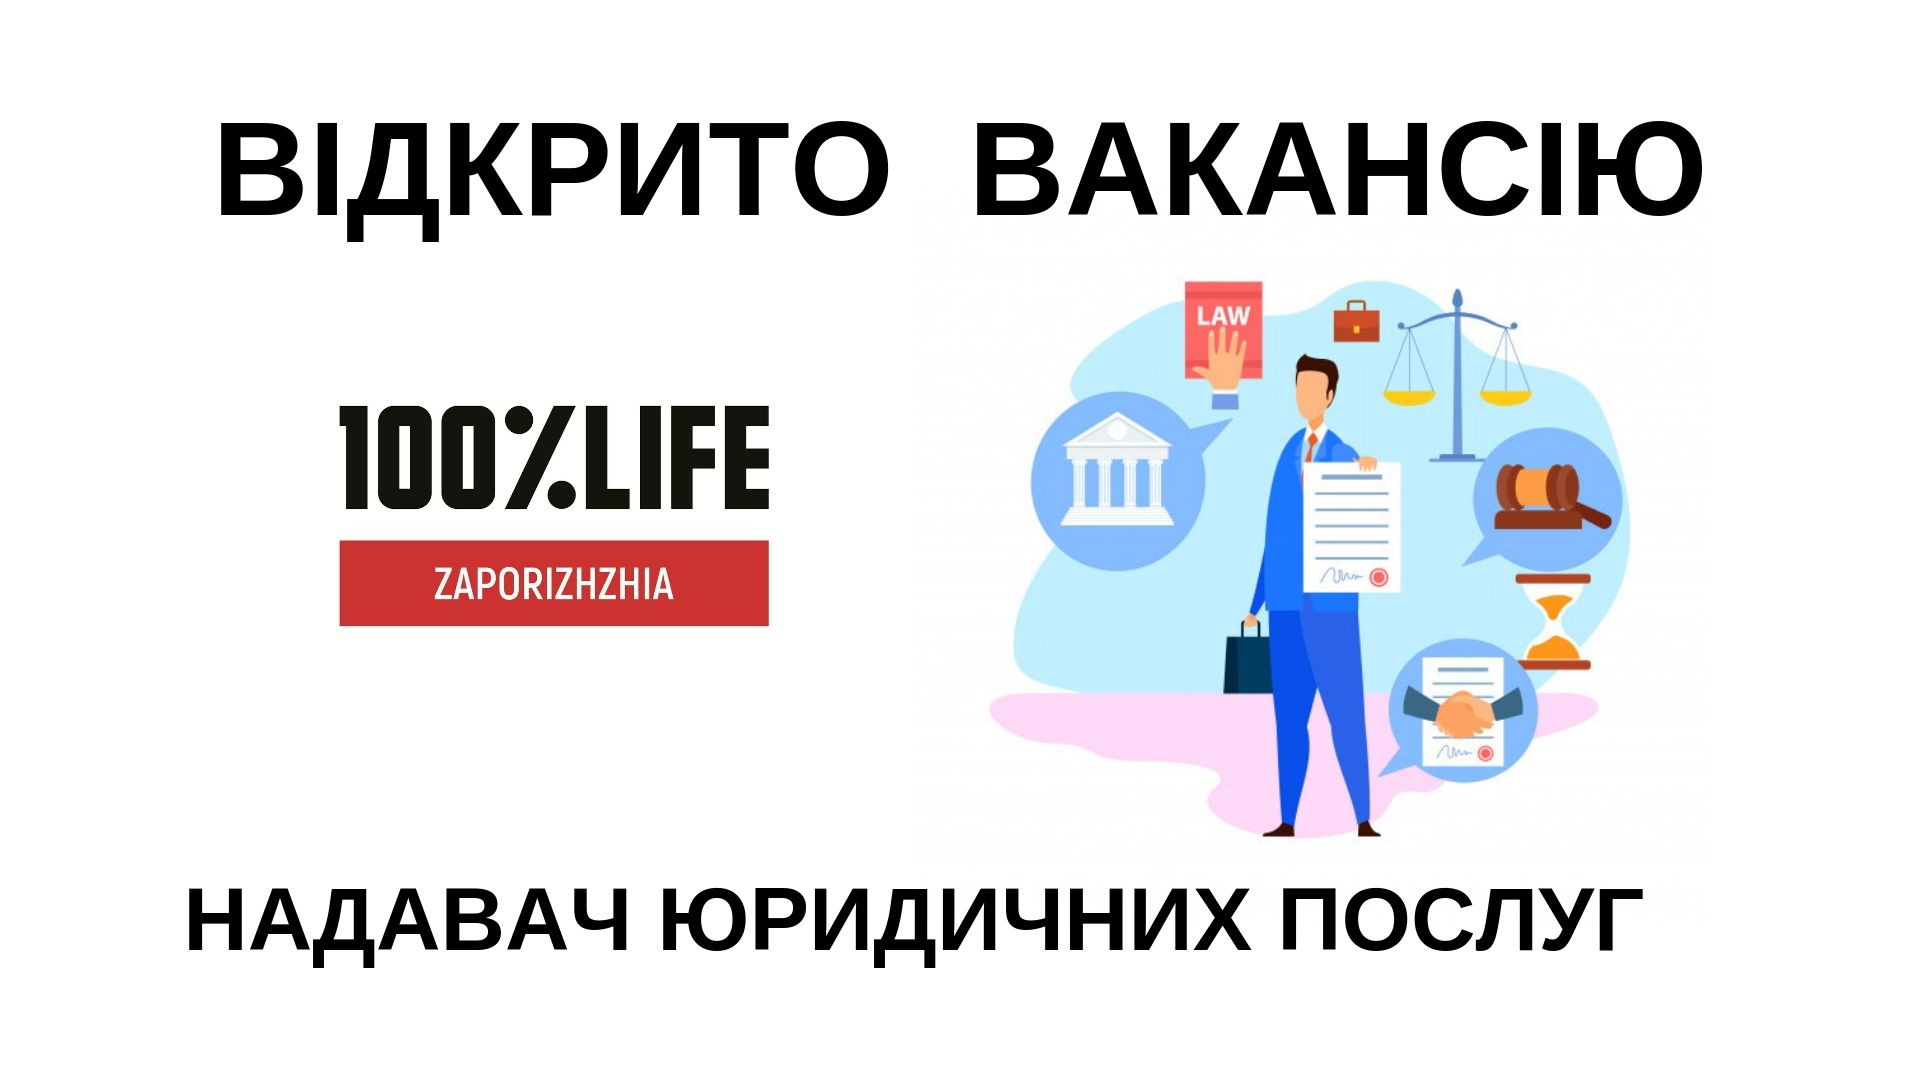 БО «Мережа 100 відсотків життя. Запоріжжя» оголошує про відкриття вакансії надавач юридичних послуг